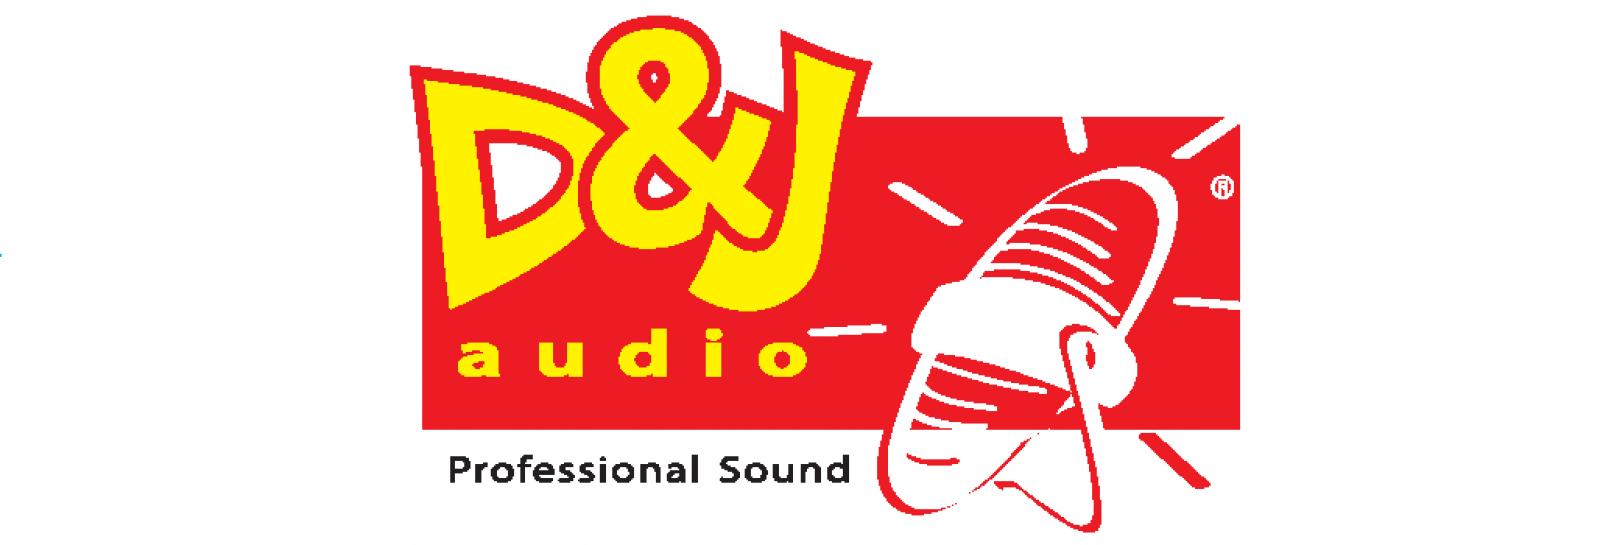 Our Djs Dj Audio